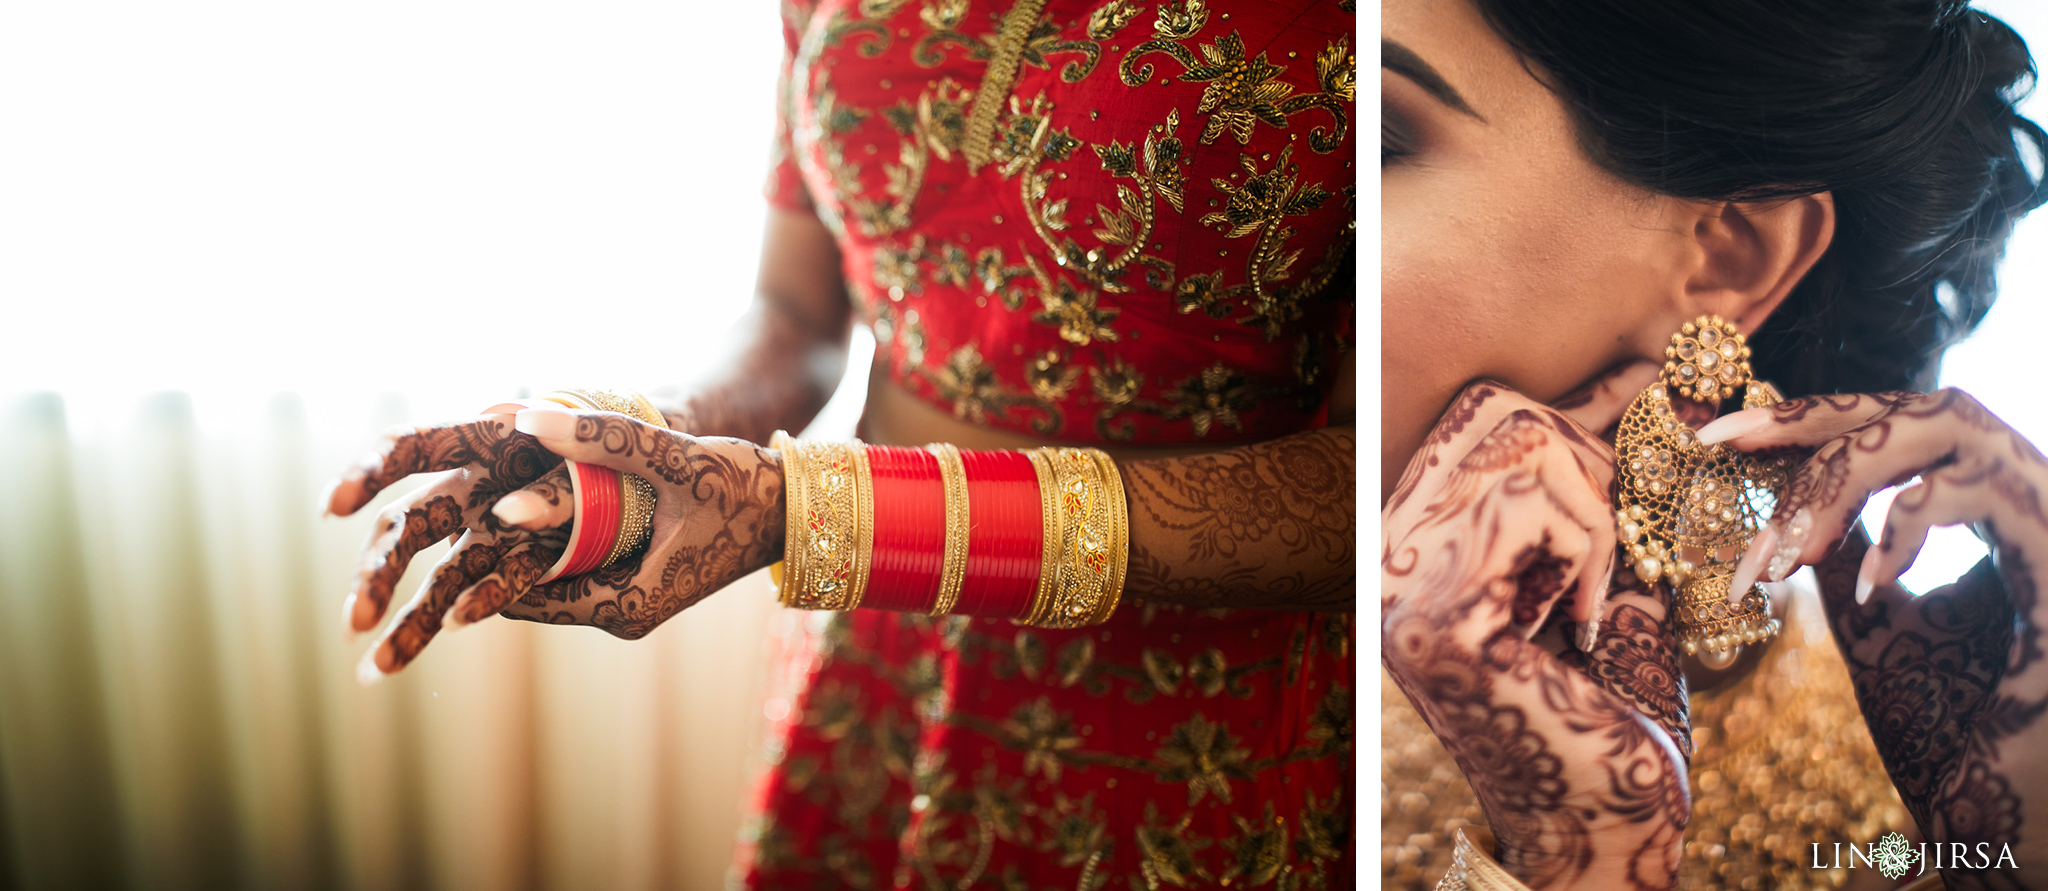 02 Hotel Irvine Punjabi Hindu Indian Wedding Photography